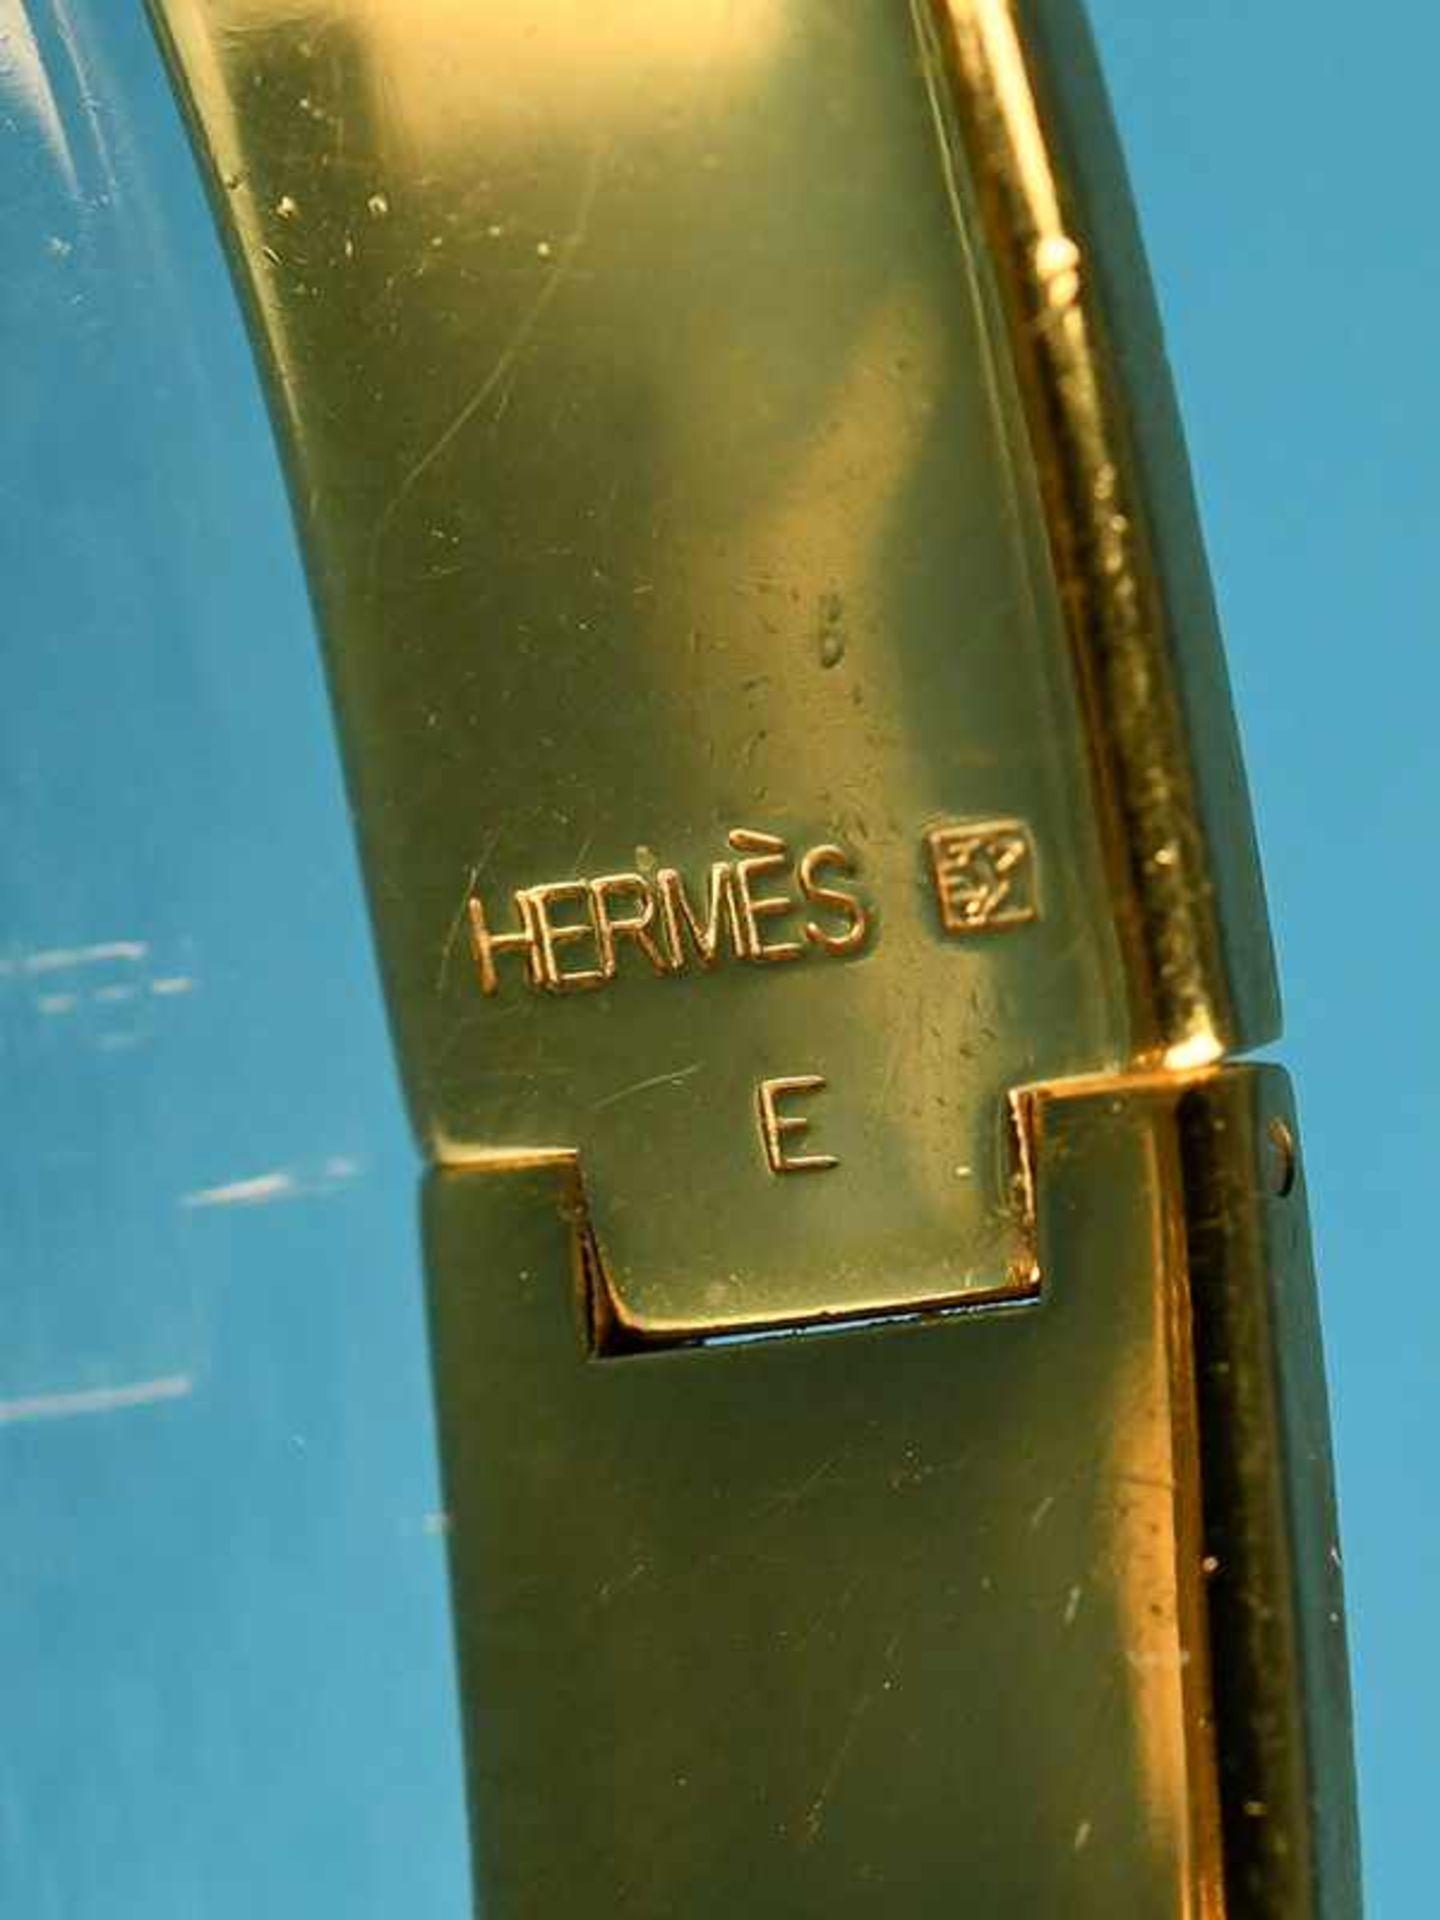 Armreifen, Hermès, Paris, 20. Jh. Vergoldet mit schwarzem Email. Schmale Bandform. Mittig Hermès - Bild 3 aus 3